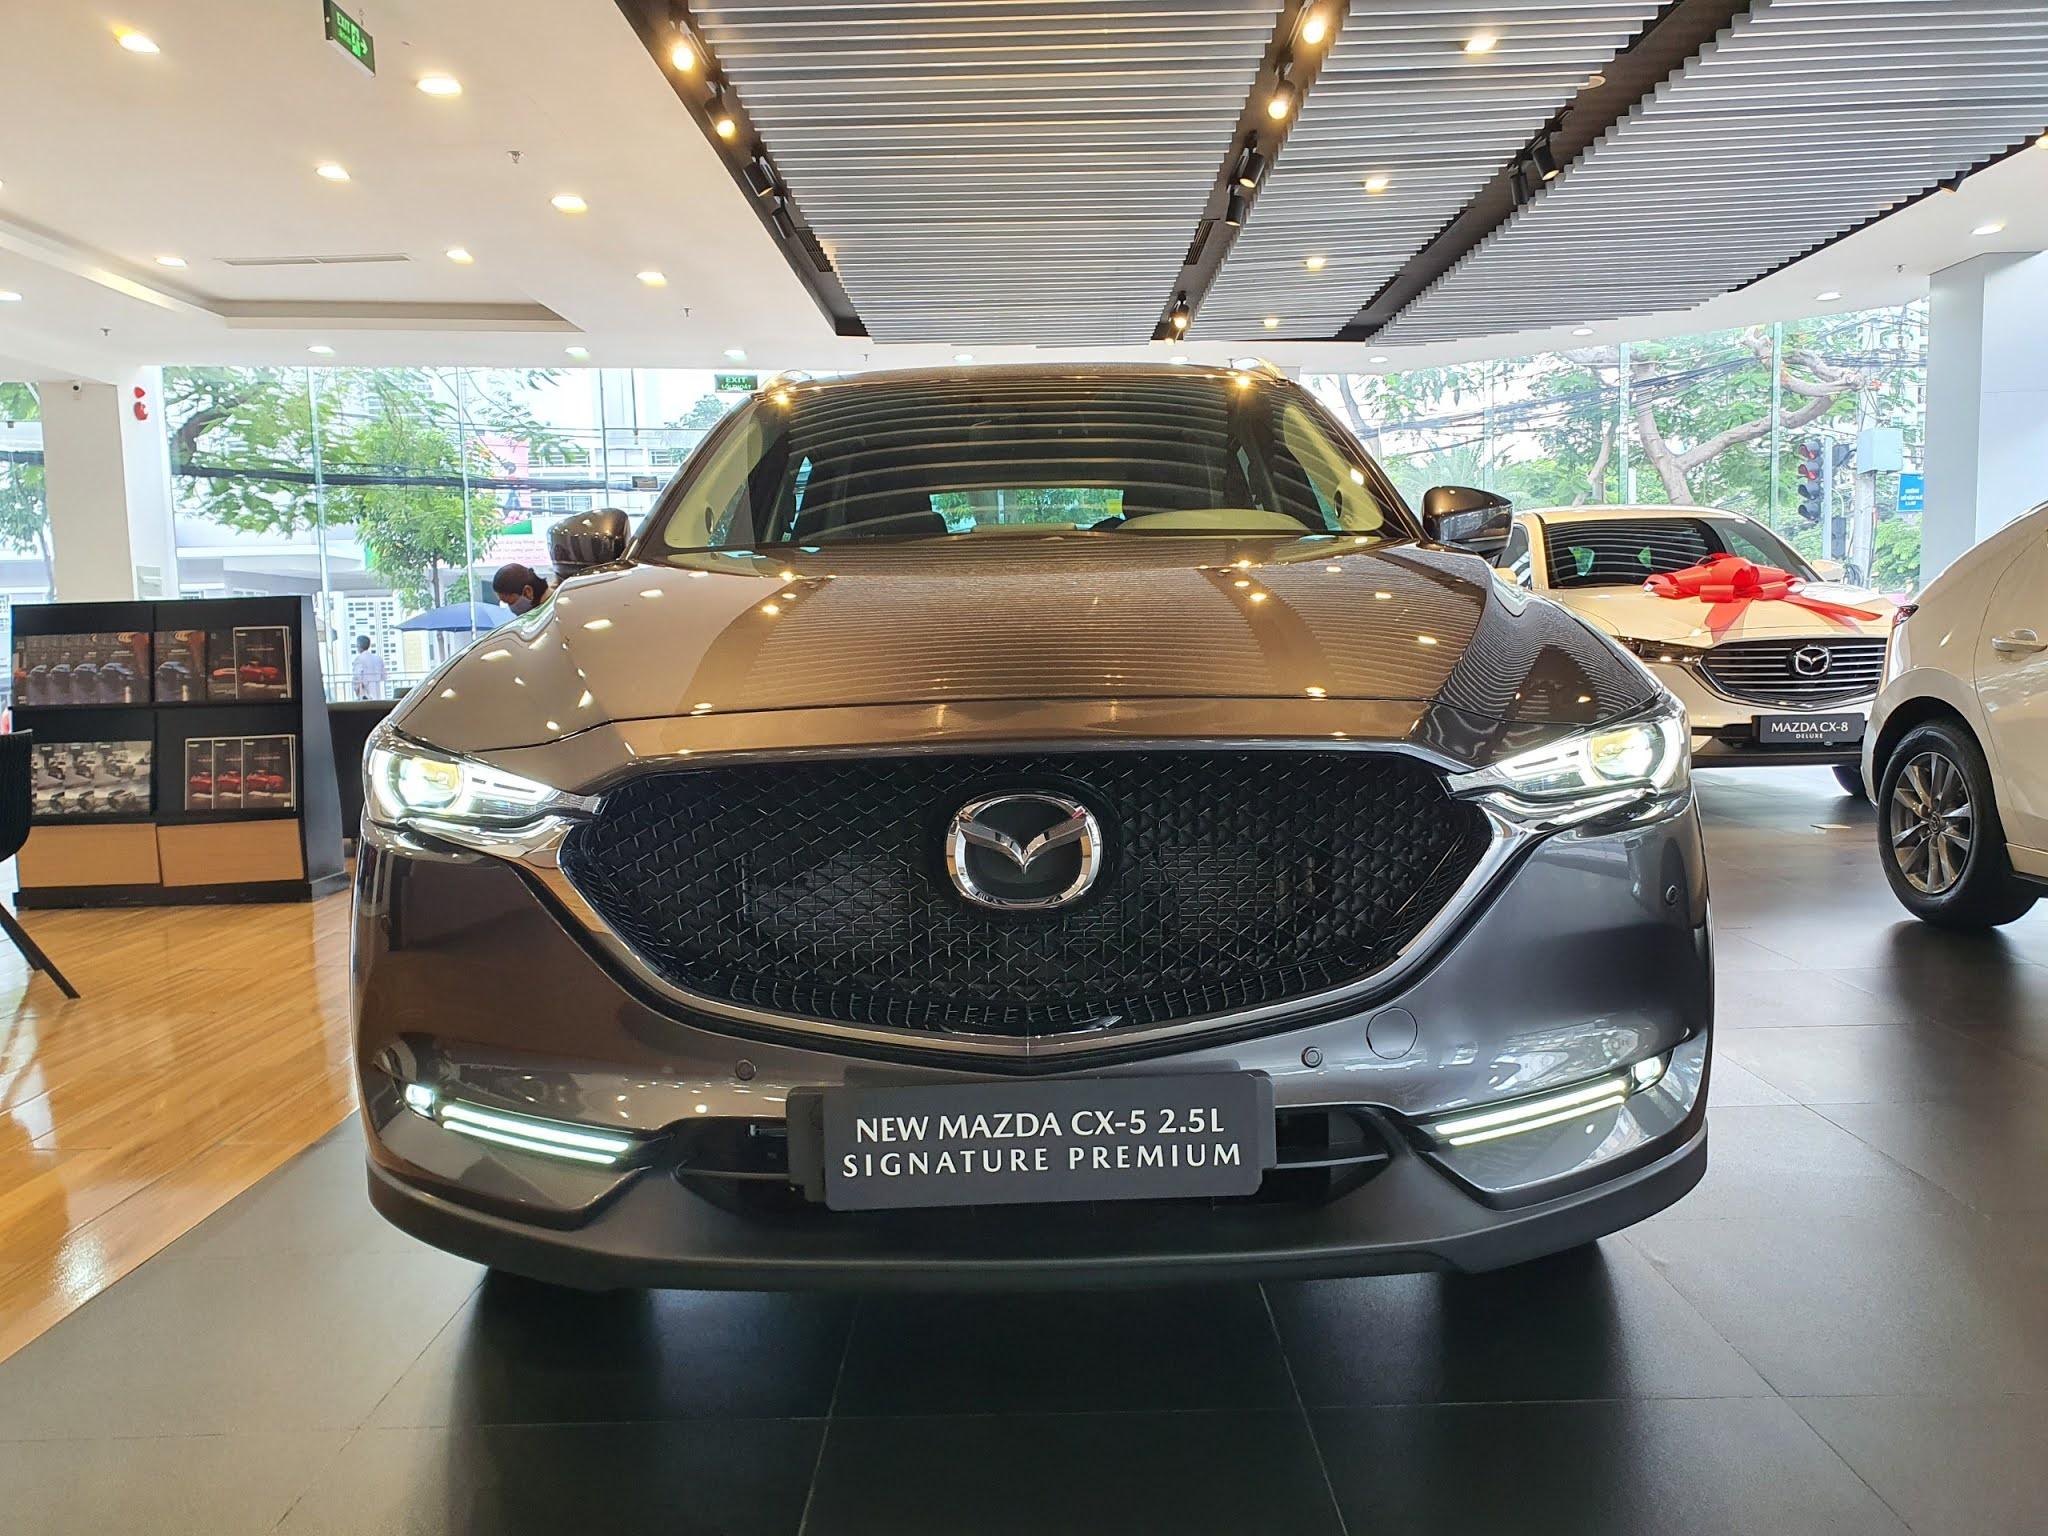 New Mazda Cx5 xám kim loại tại thị trường việt nam